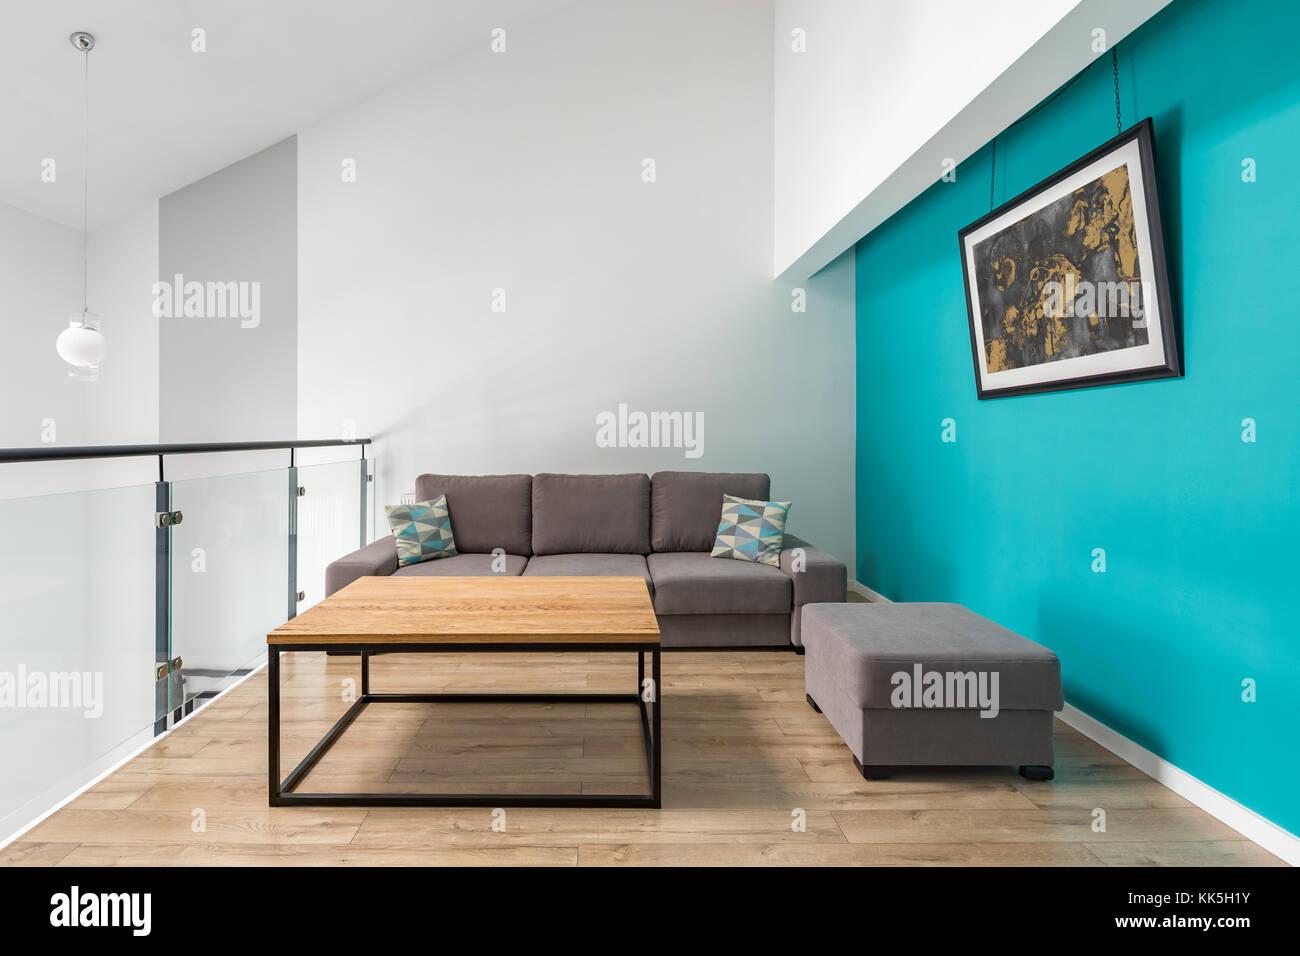 Zimmer Mit Sofa Hocker Tisch Und Turkis Wand Stockfoto Bild